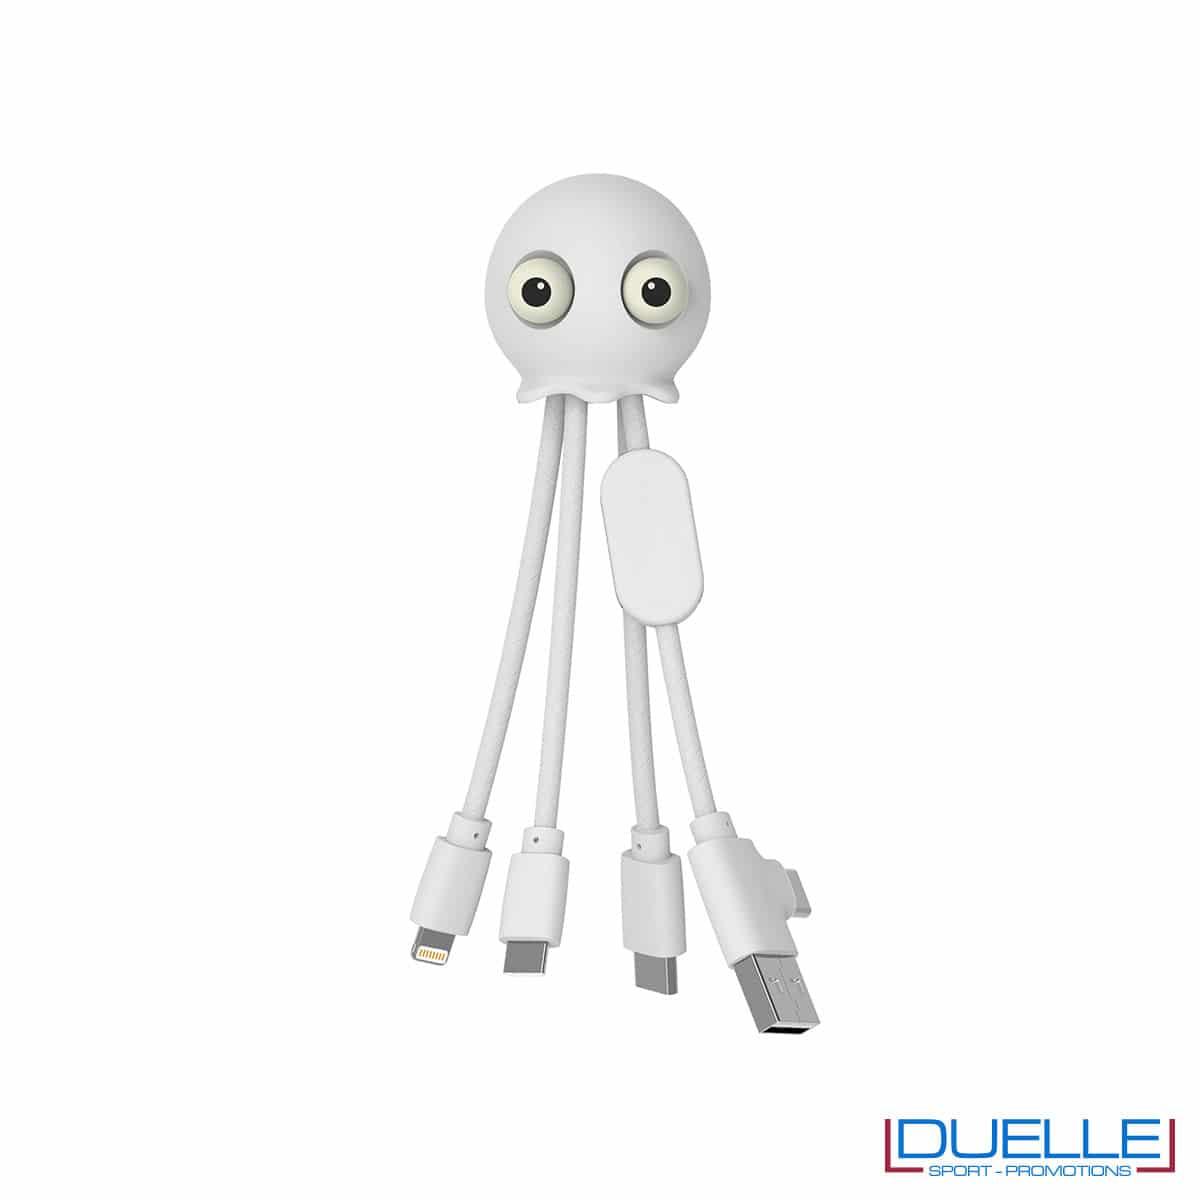 Cavo USB multiplo personalizzabile con stampa